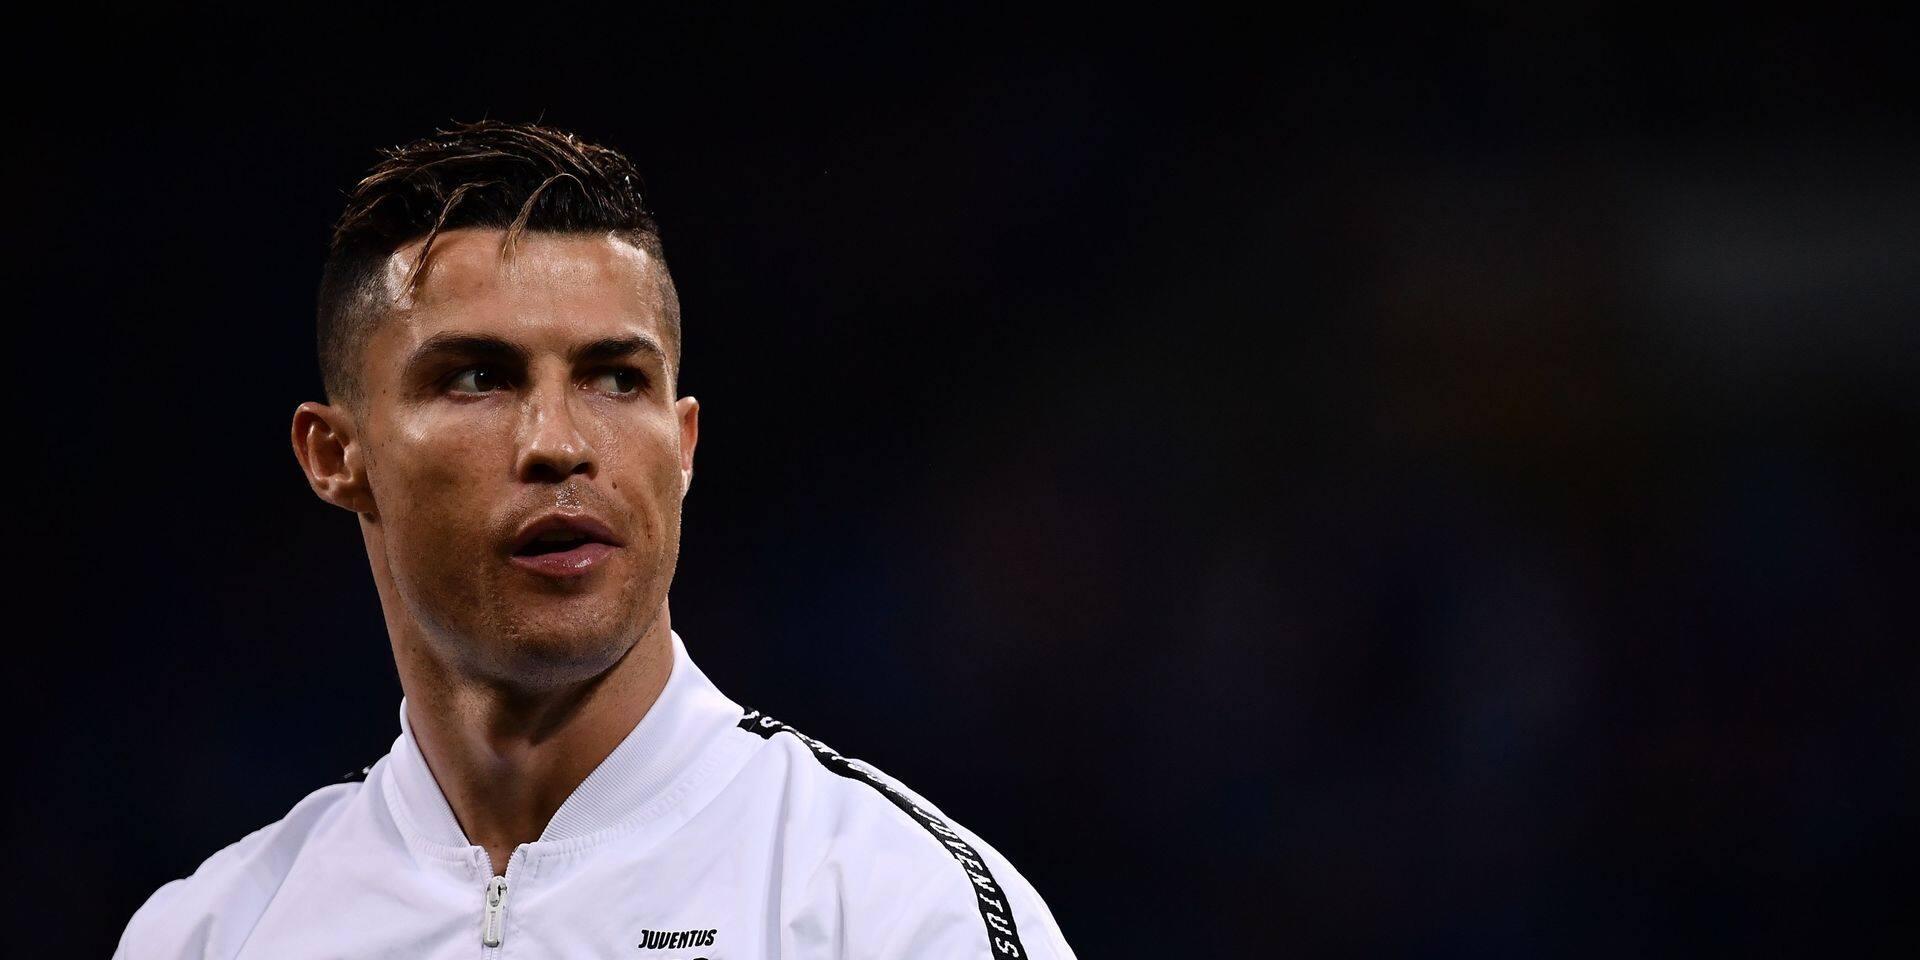 Cristiano Ronaldo ne sera pas poursuivi pour viol